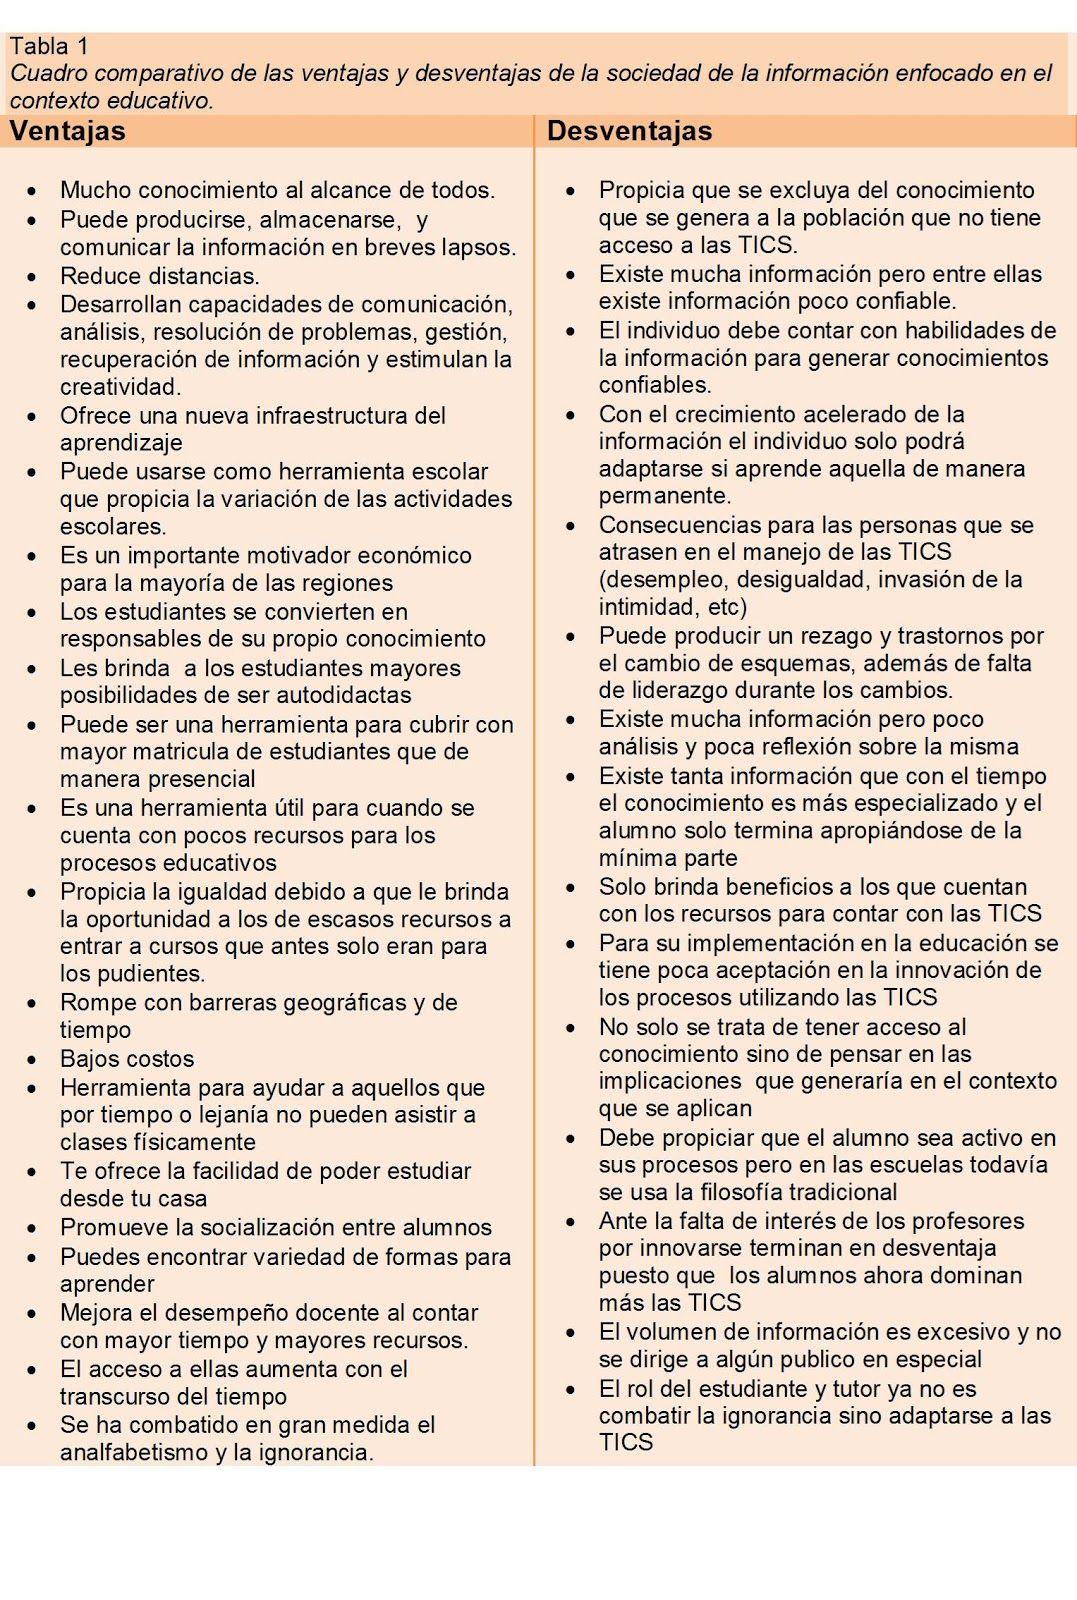 Cuadro Comparativo Sobre Las Ventajas Y Desventajas De La Sociedad De La Informacion Sociedad Cuadros Conocimiento